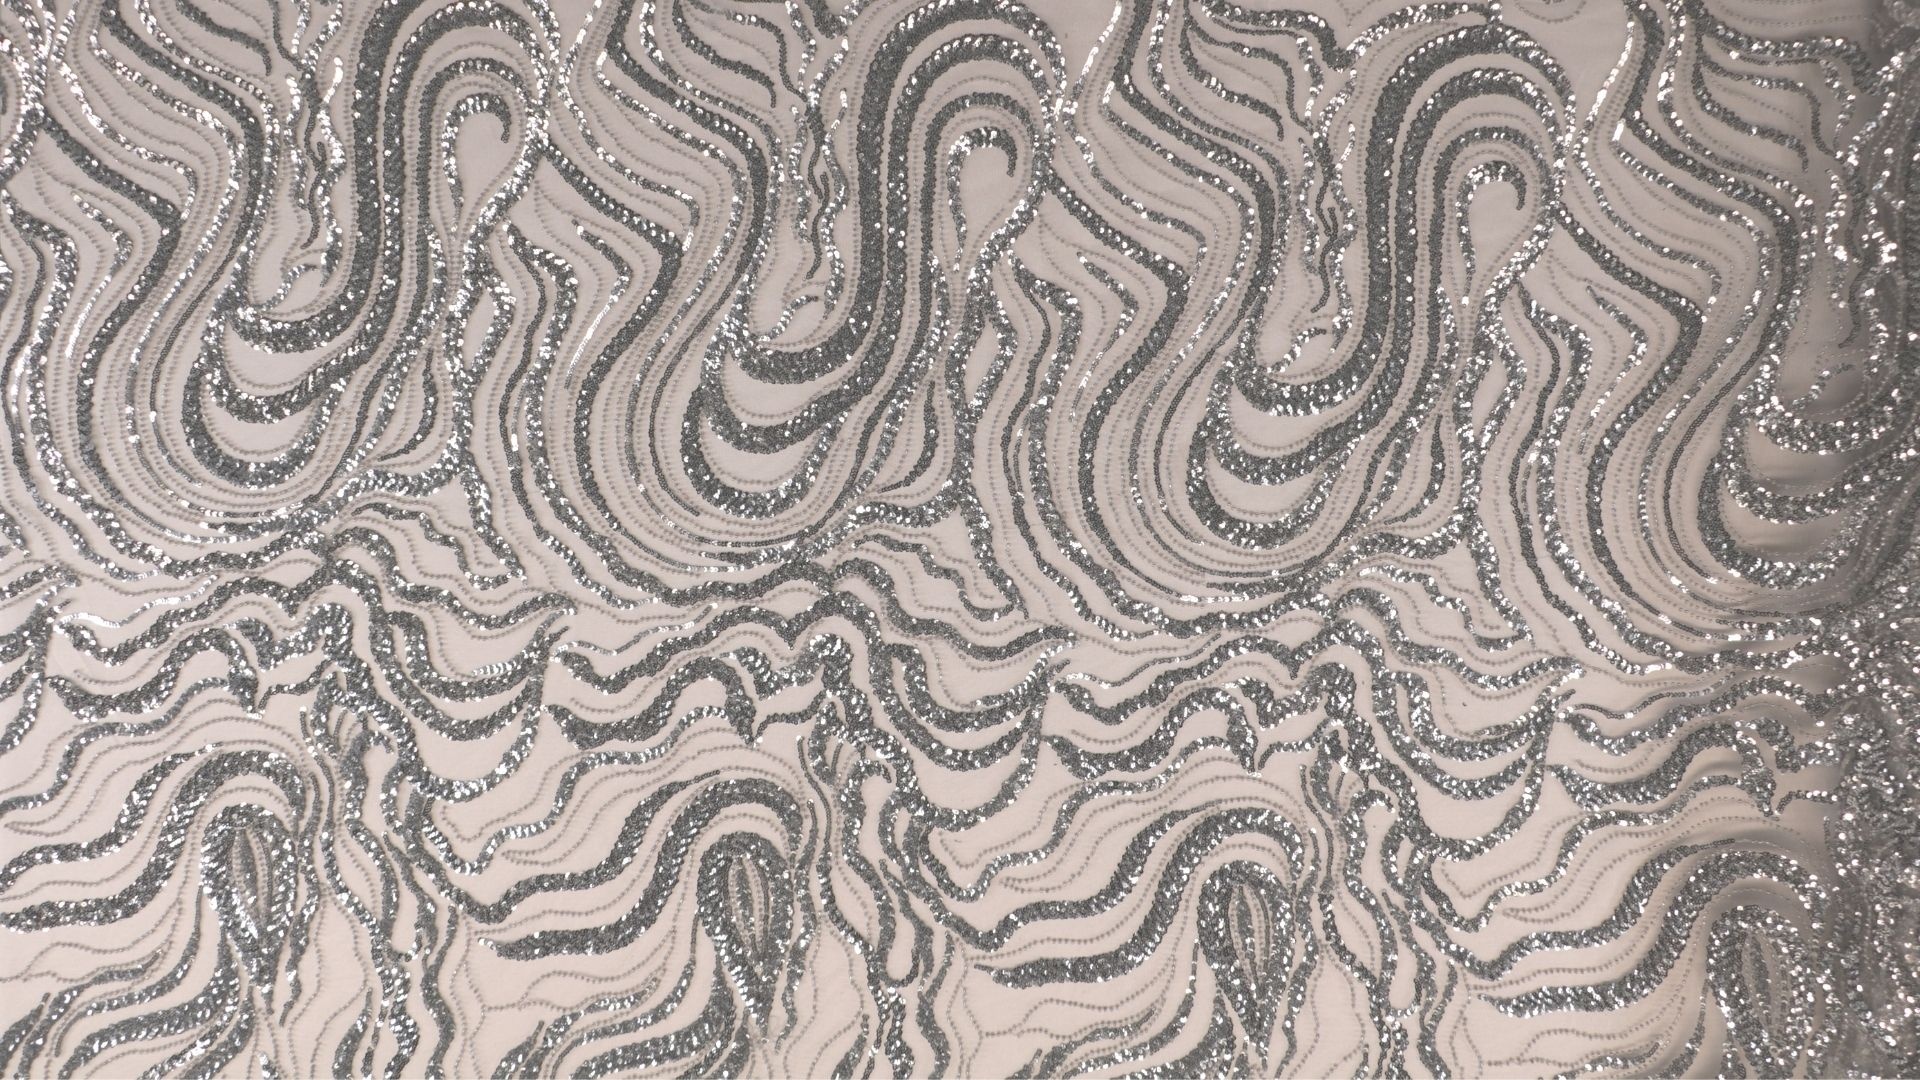 il particolare del tessuto sx214, appartenente alla categoria ricami paillettes, di Leadford & Logan